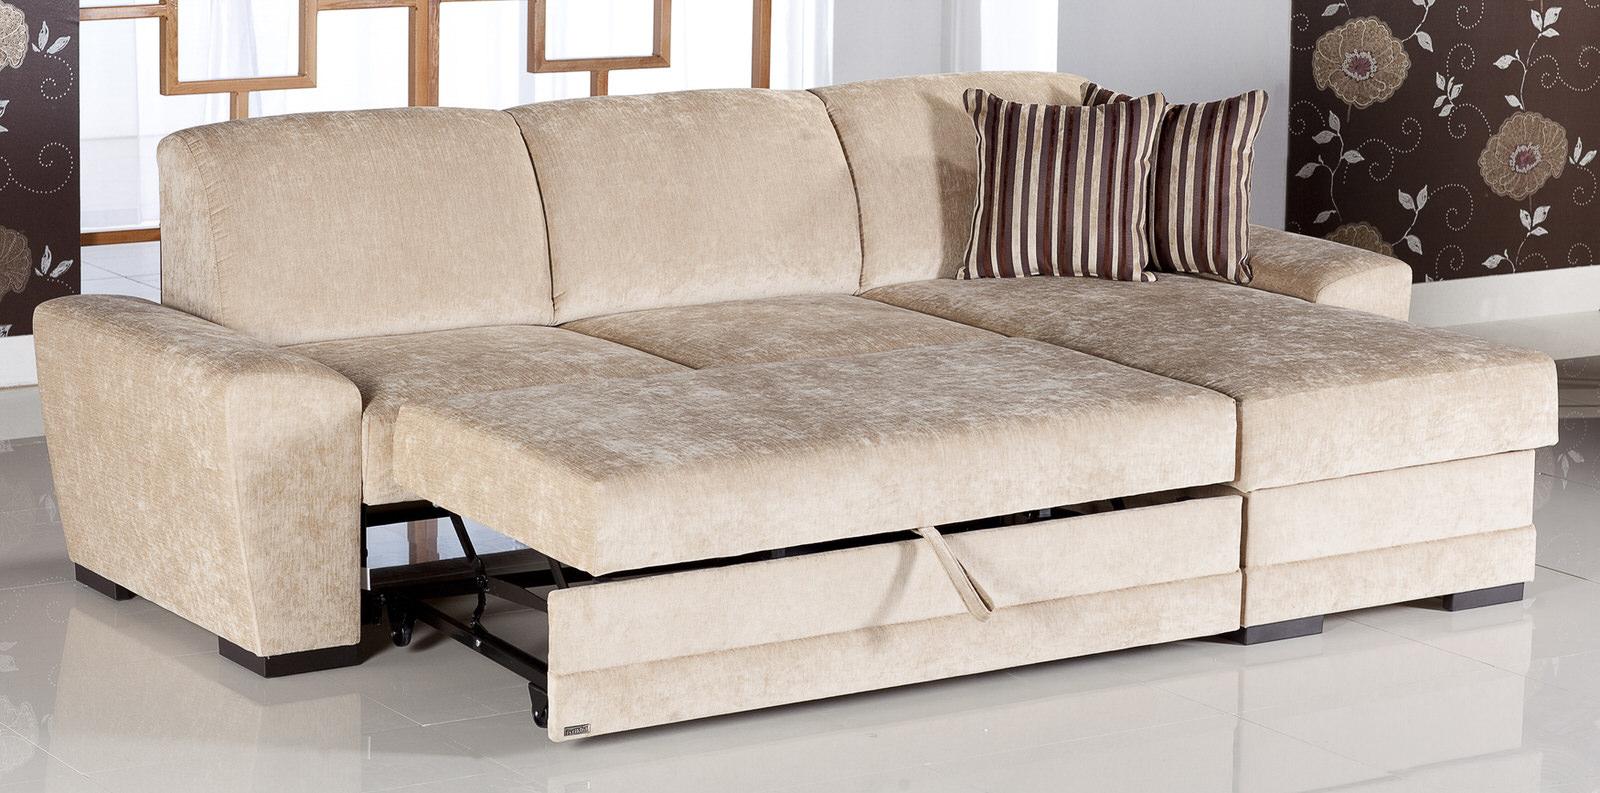 Astonishing Cross Yuky Cream Sectional Sofa By Istikbal Furniture Short Links Chair Design For Home Short Linksinfo